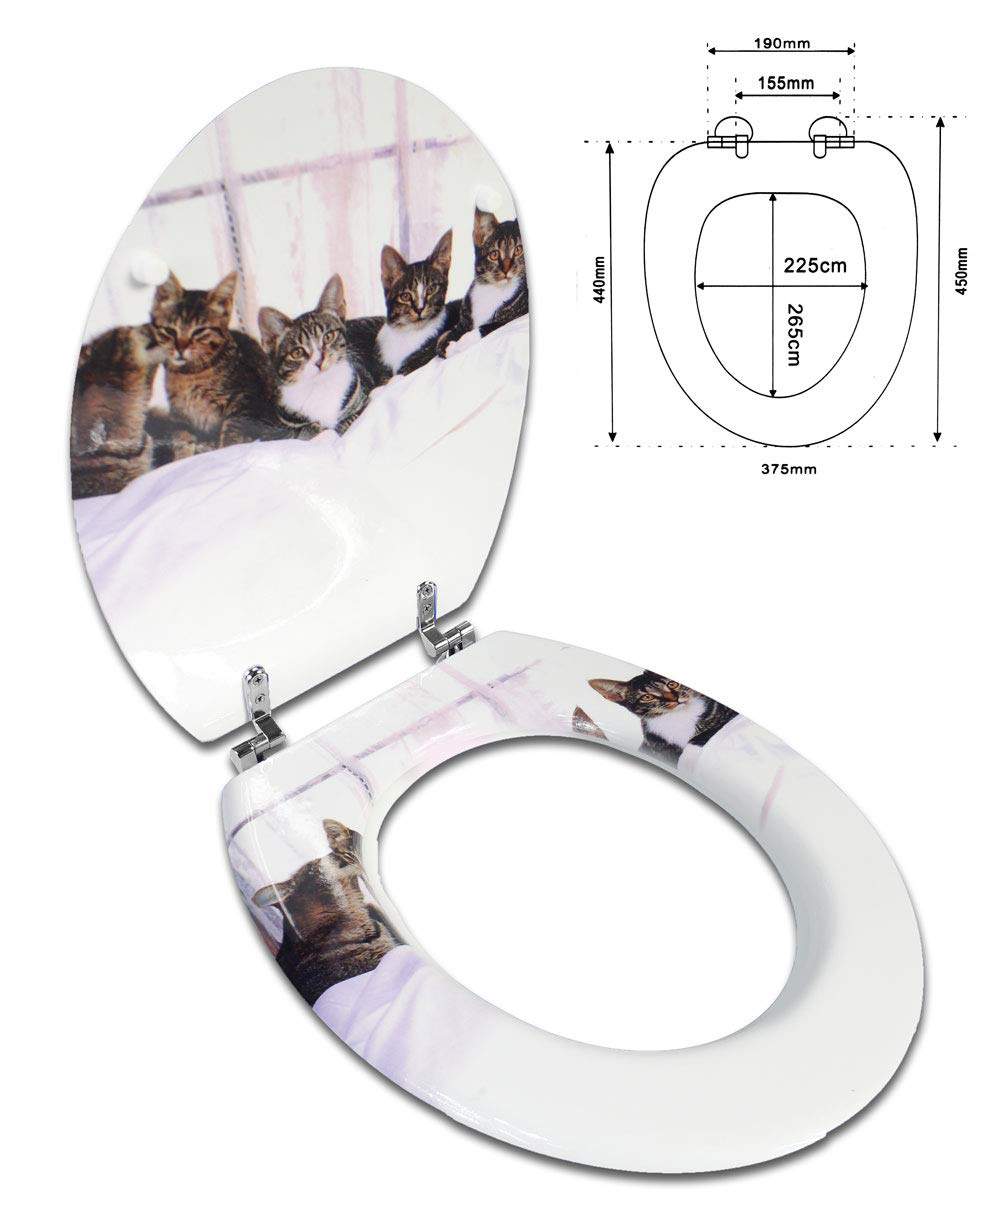 Acquario Vetrineinrete/® Copriwater universale in legno MDF serigrafato tavoletta da bagno wc con stampa cerniere in acciaio inox resistente 52978 D63